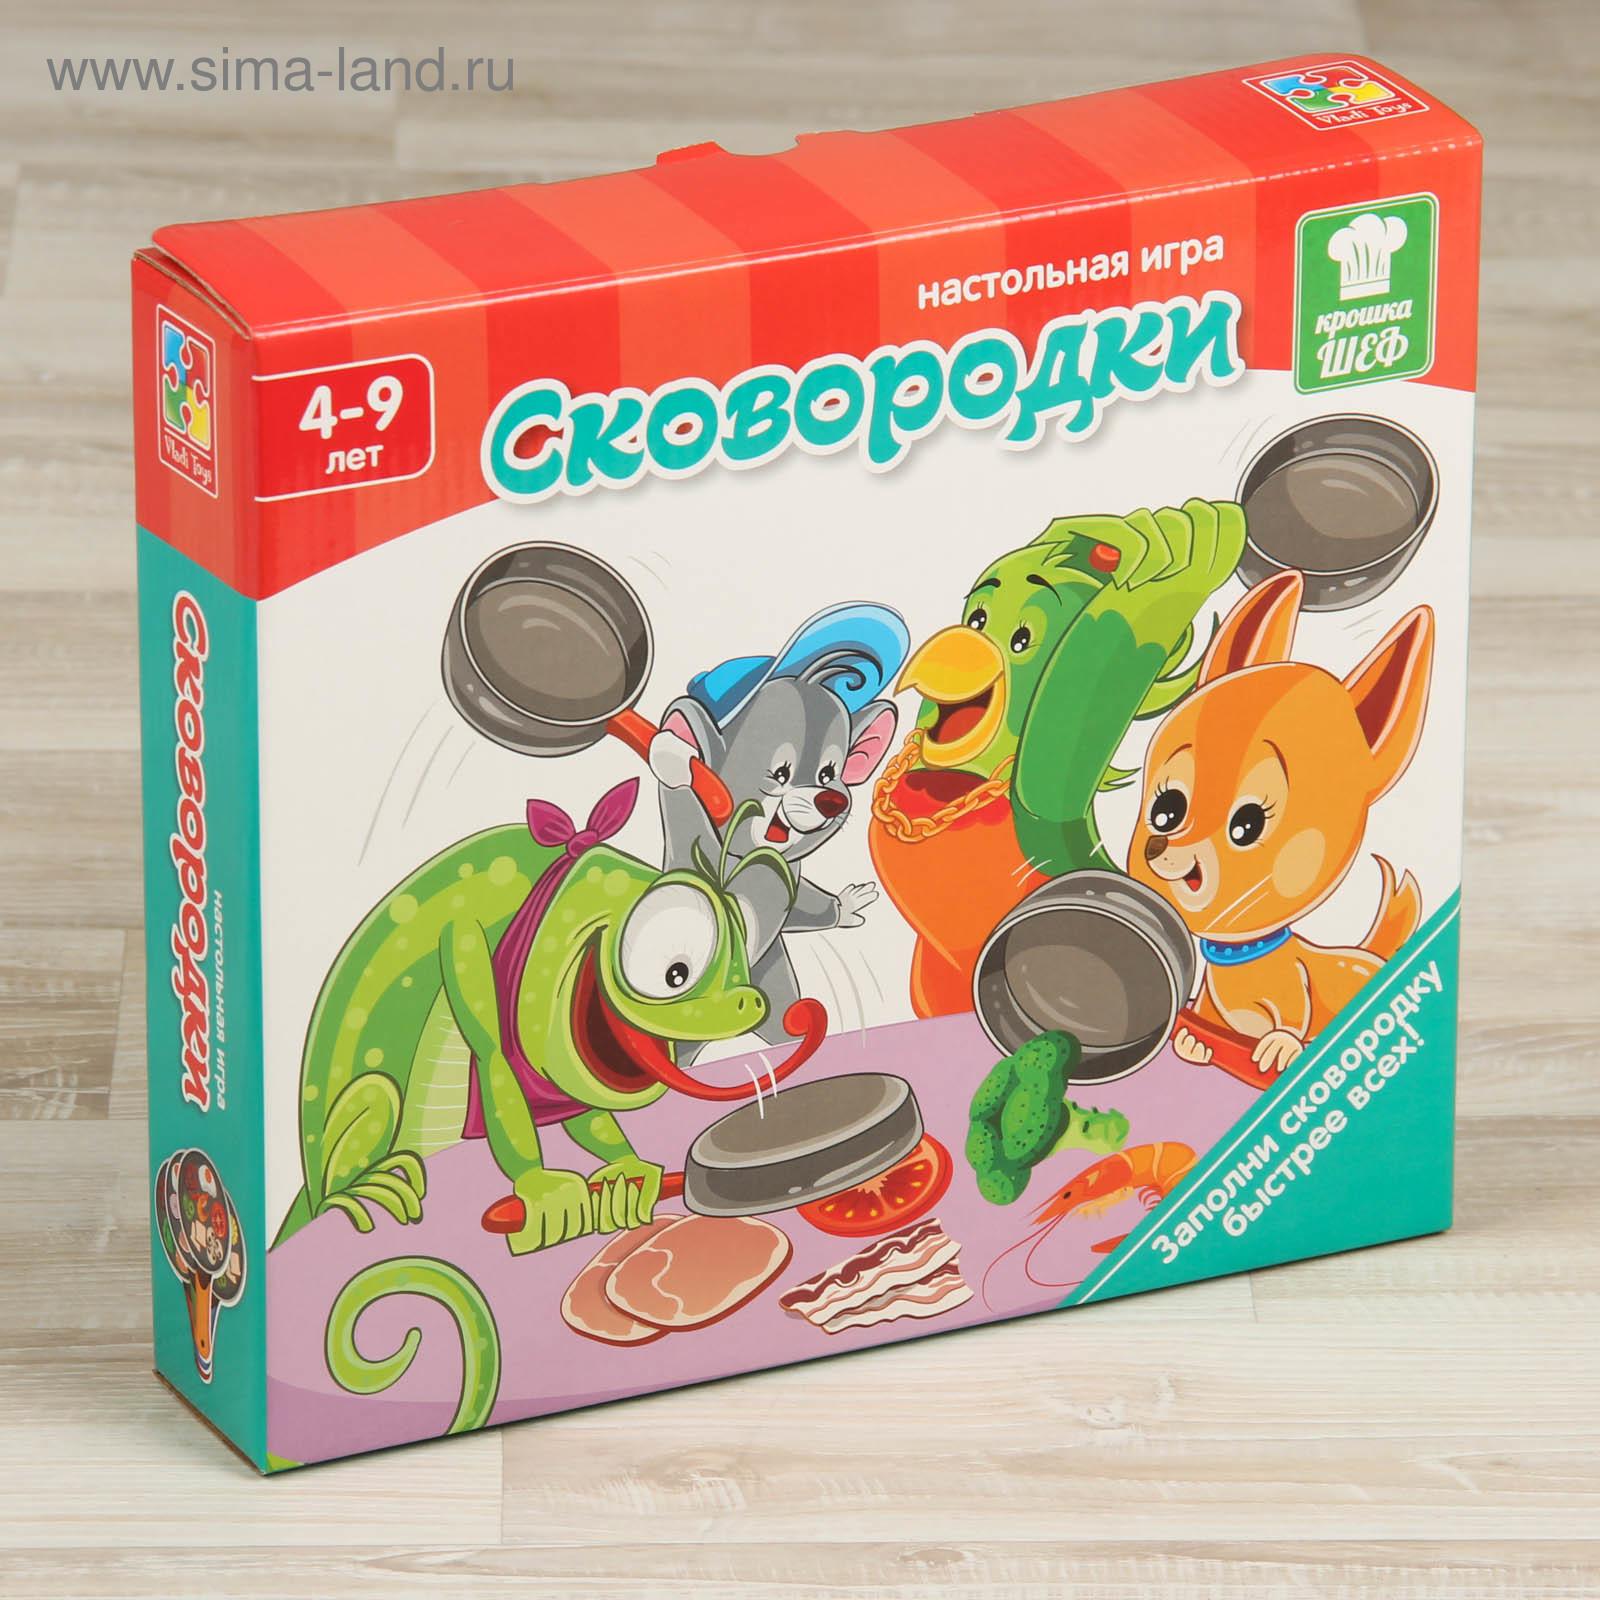 Настольная игра «Сковородки» (2972835) - Купить по цене от 417.87 ... 59934531e05